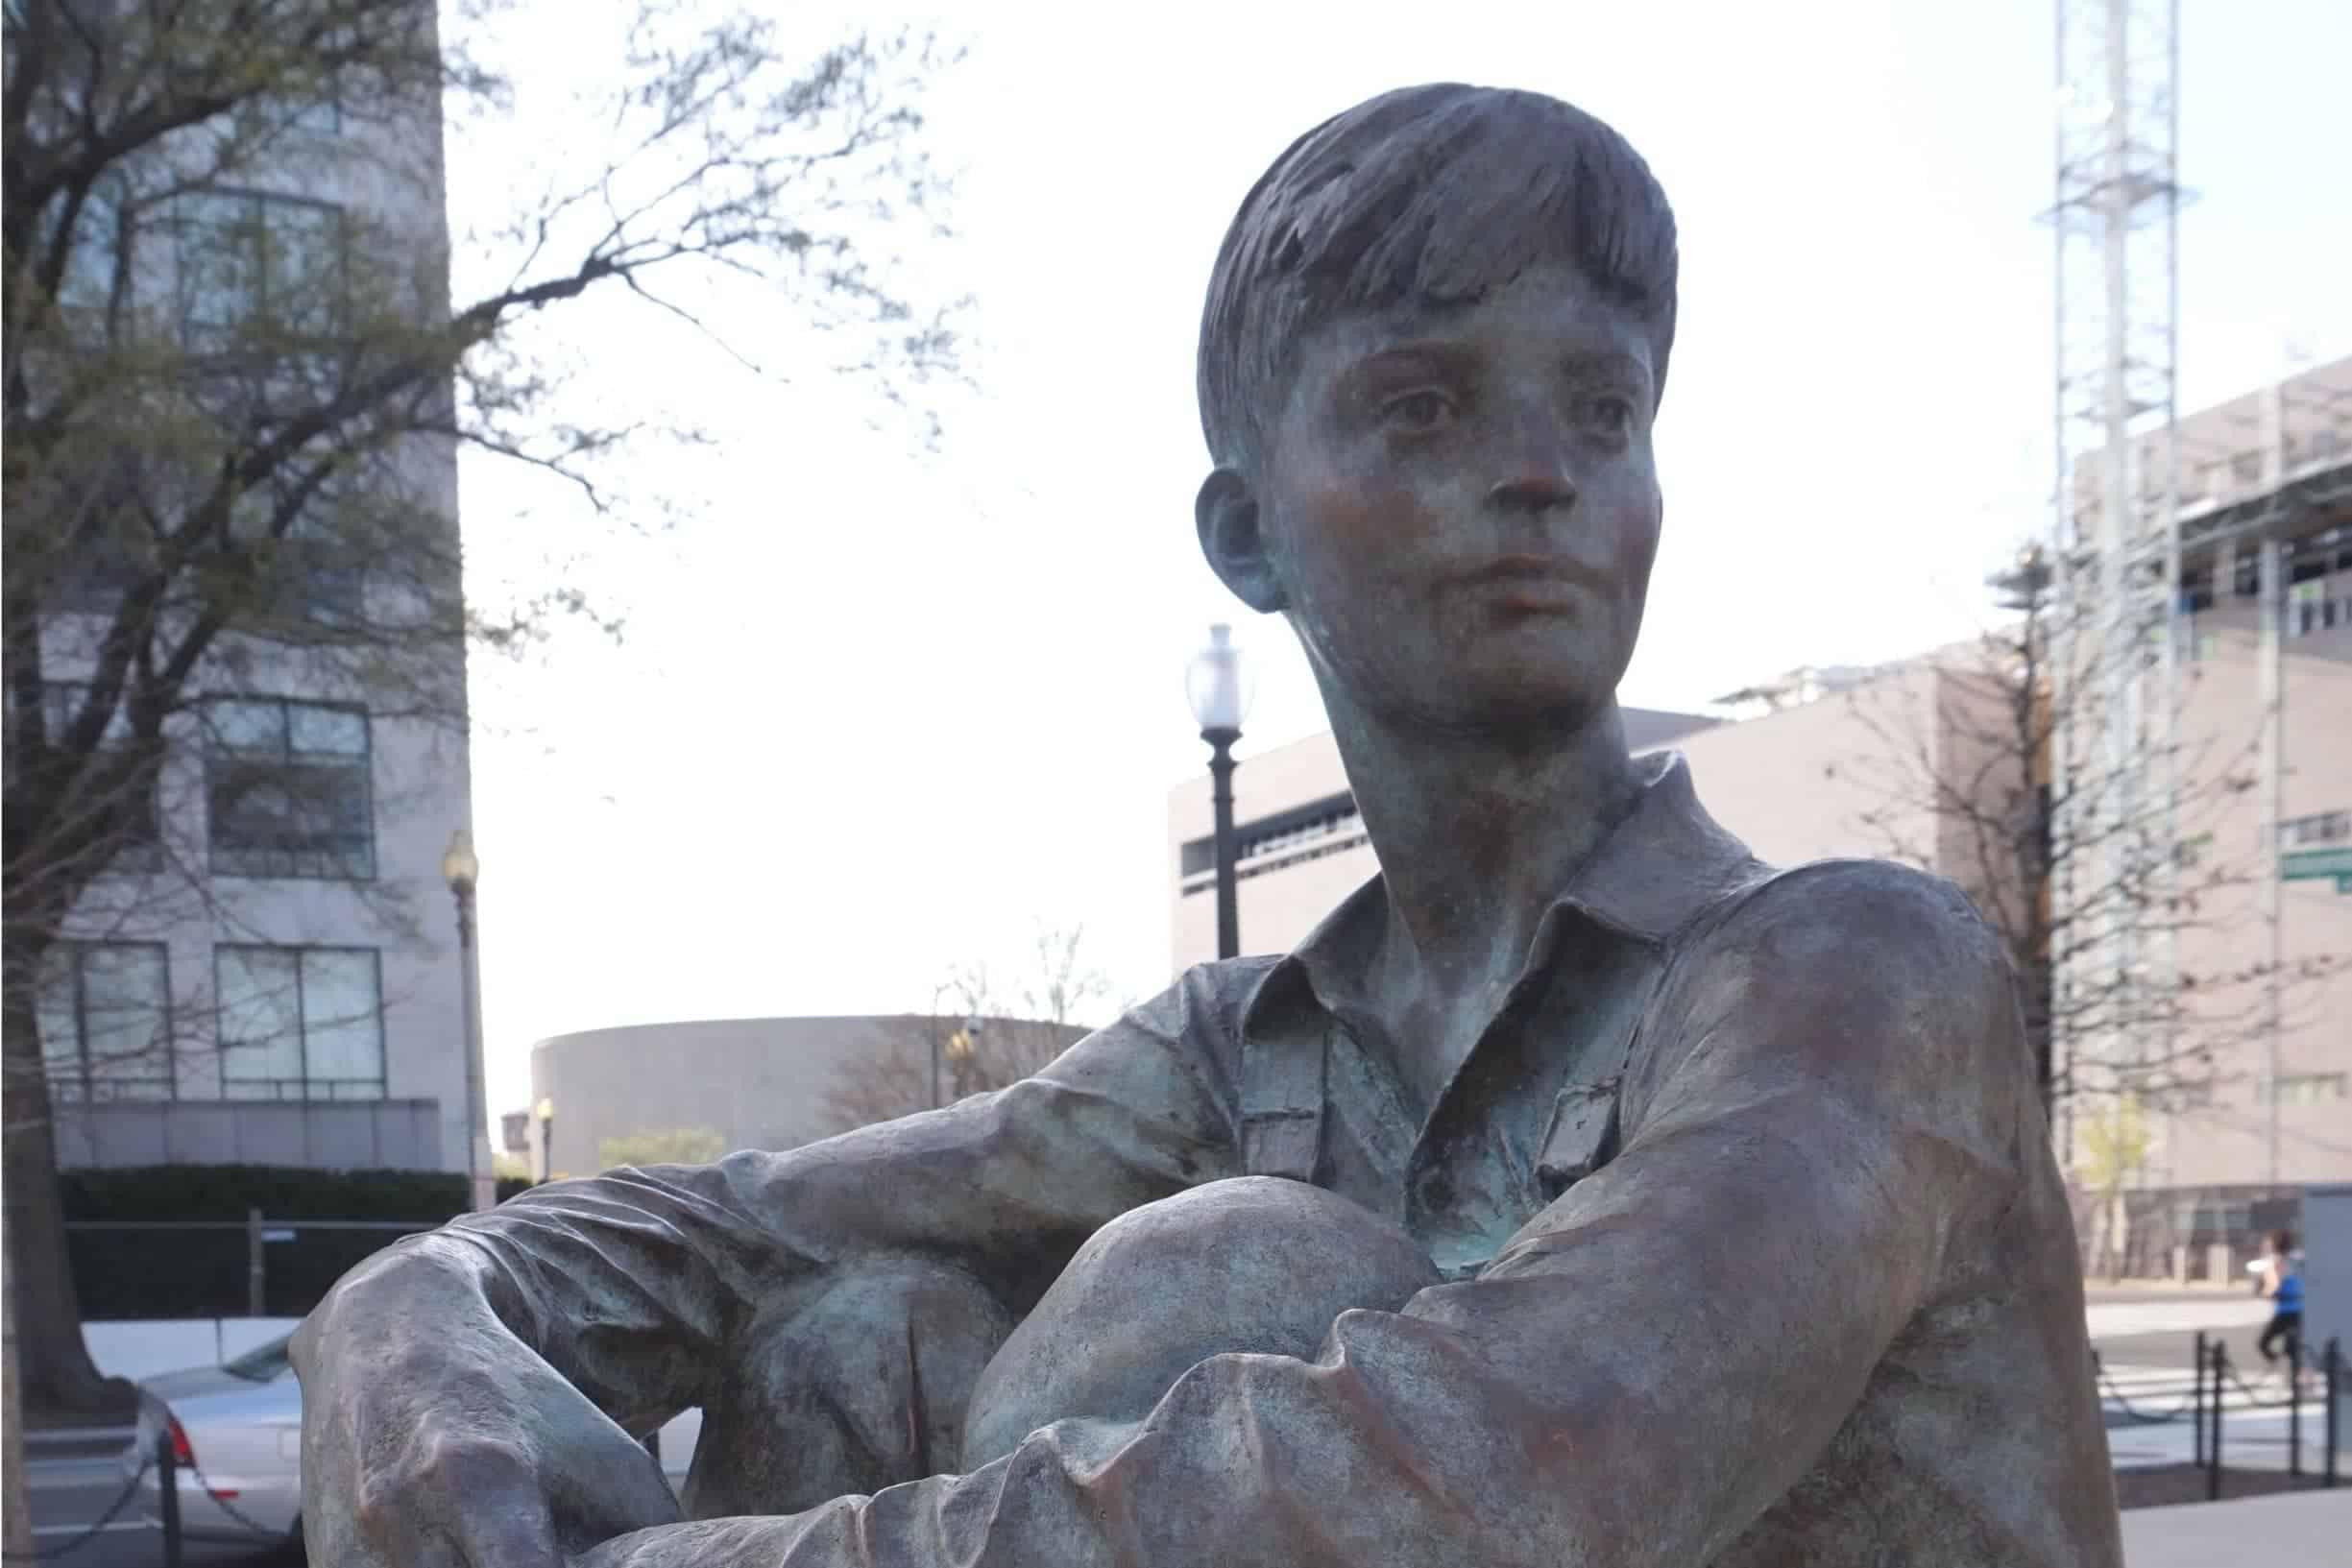 Lincoln Memorial Statue in Washington, DC